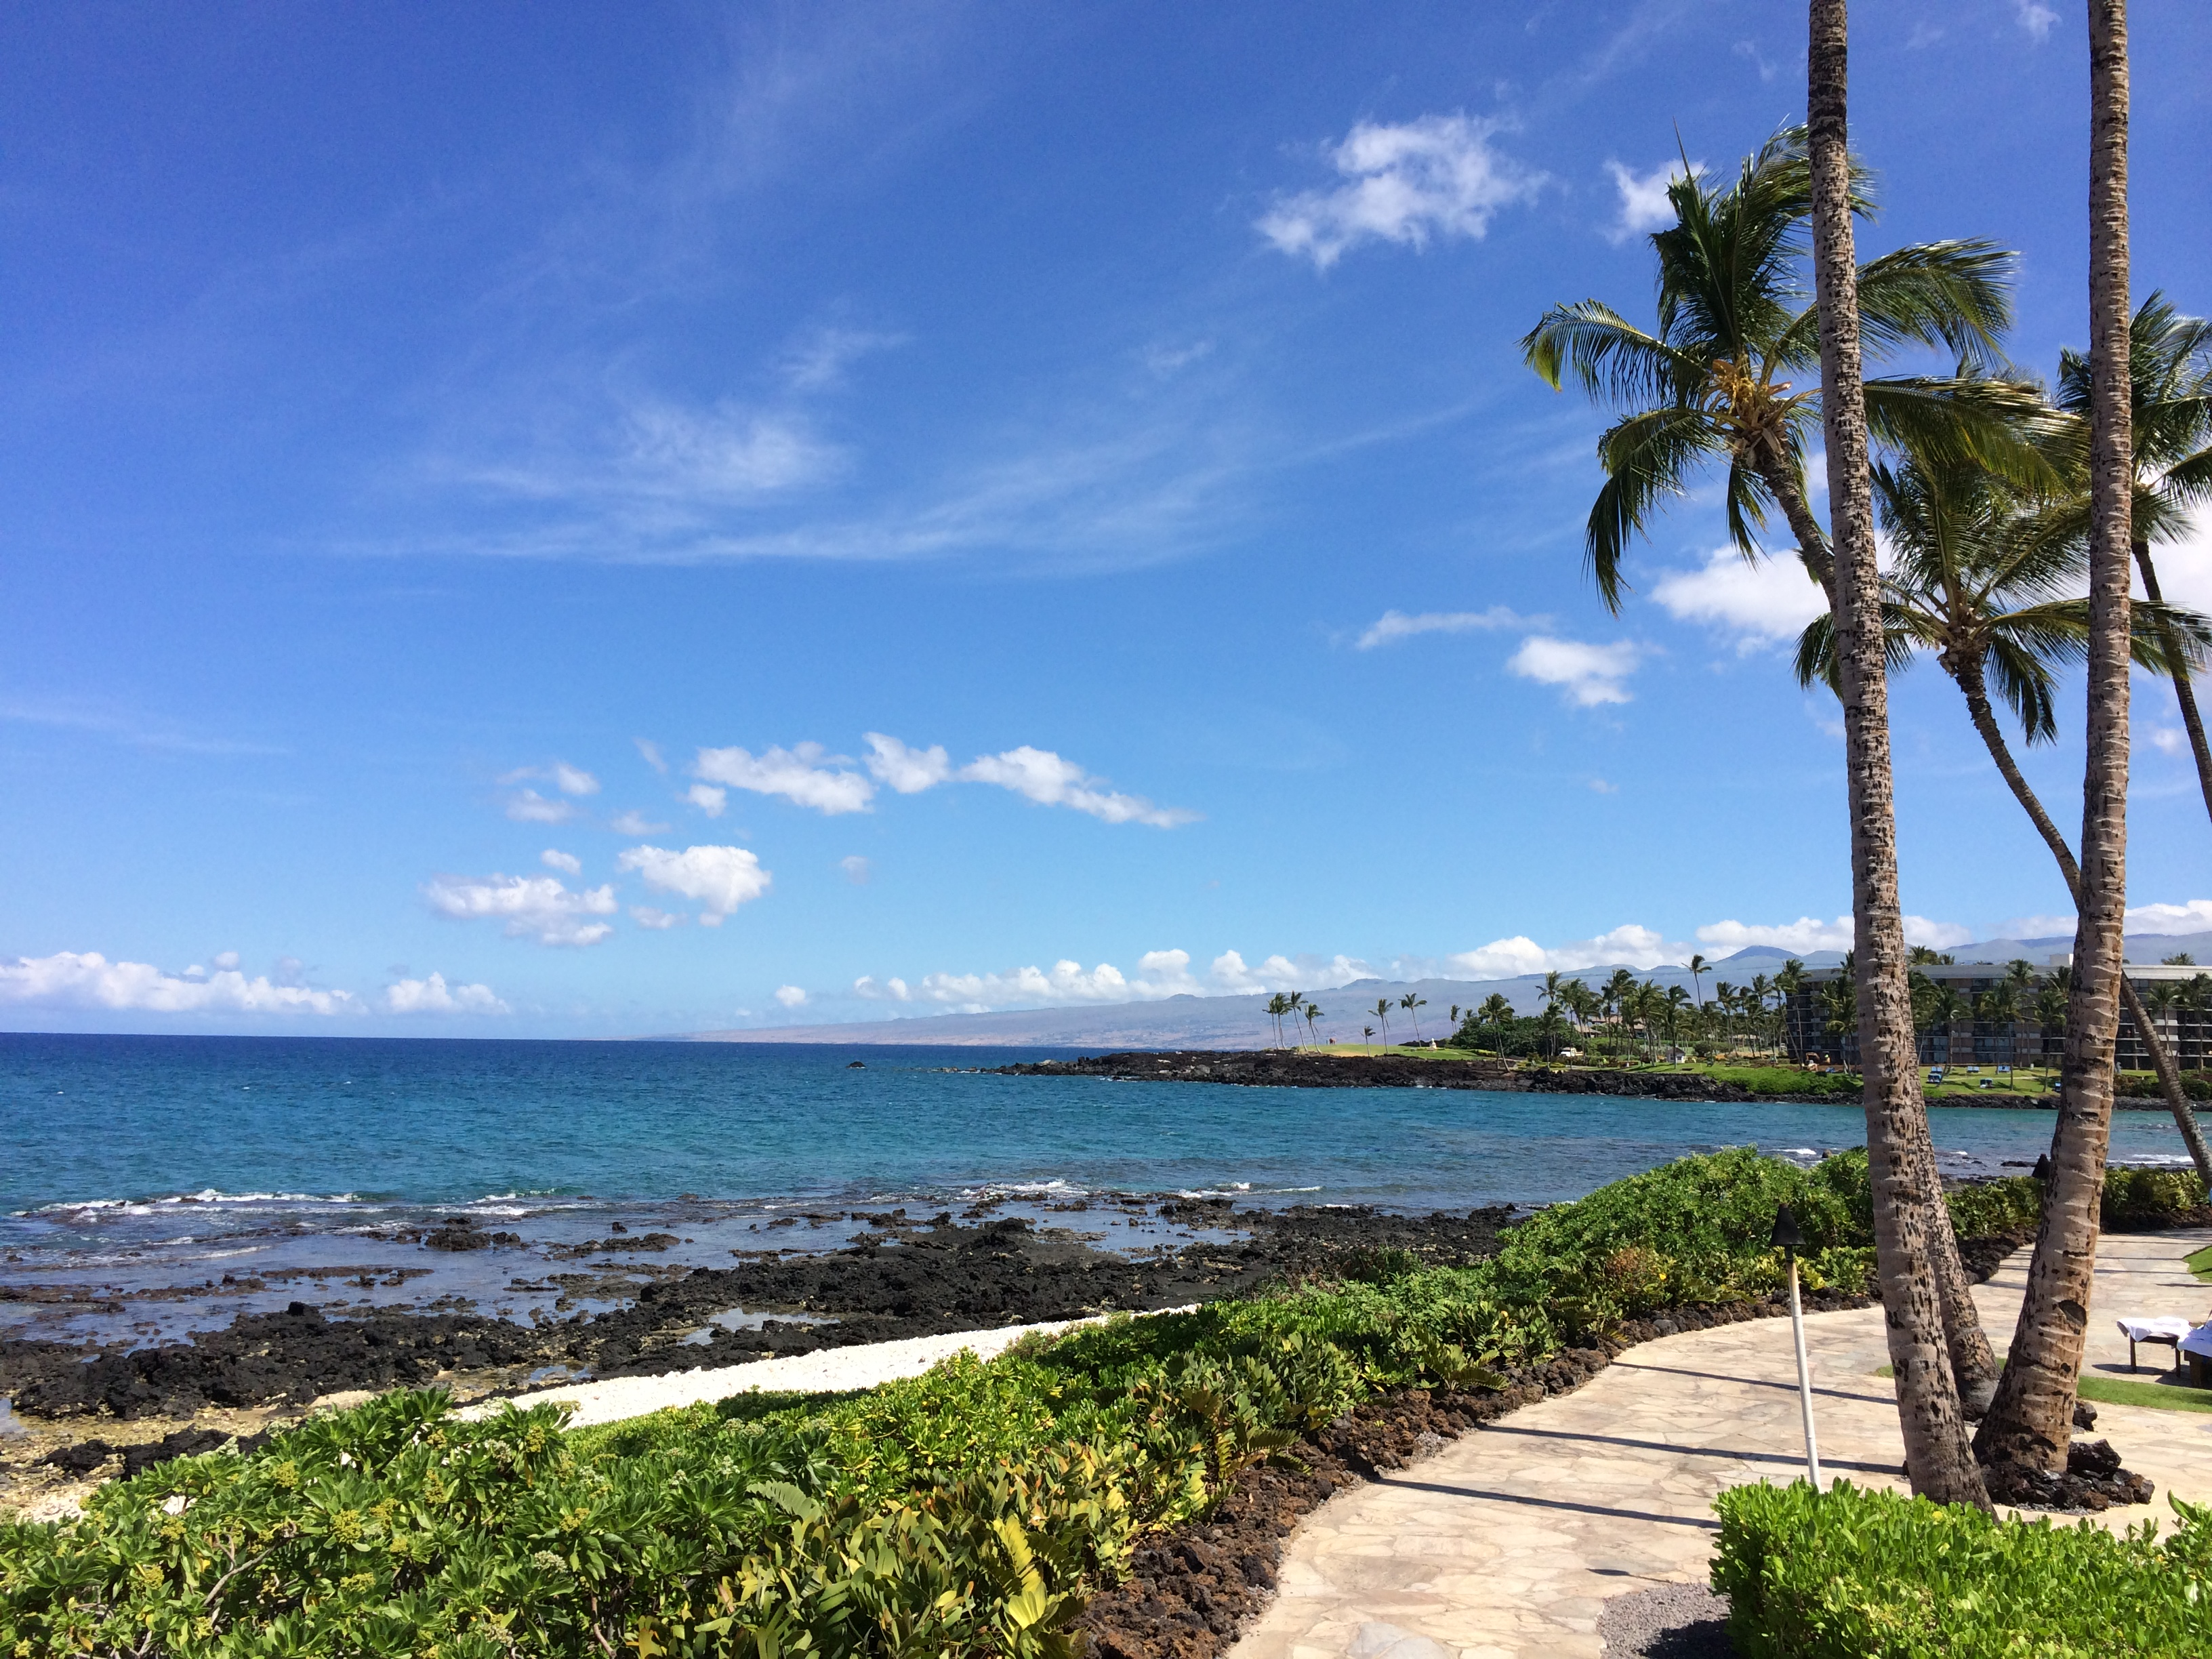 Big Island HAWAII - www.SweetDashofSass.com